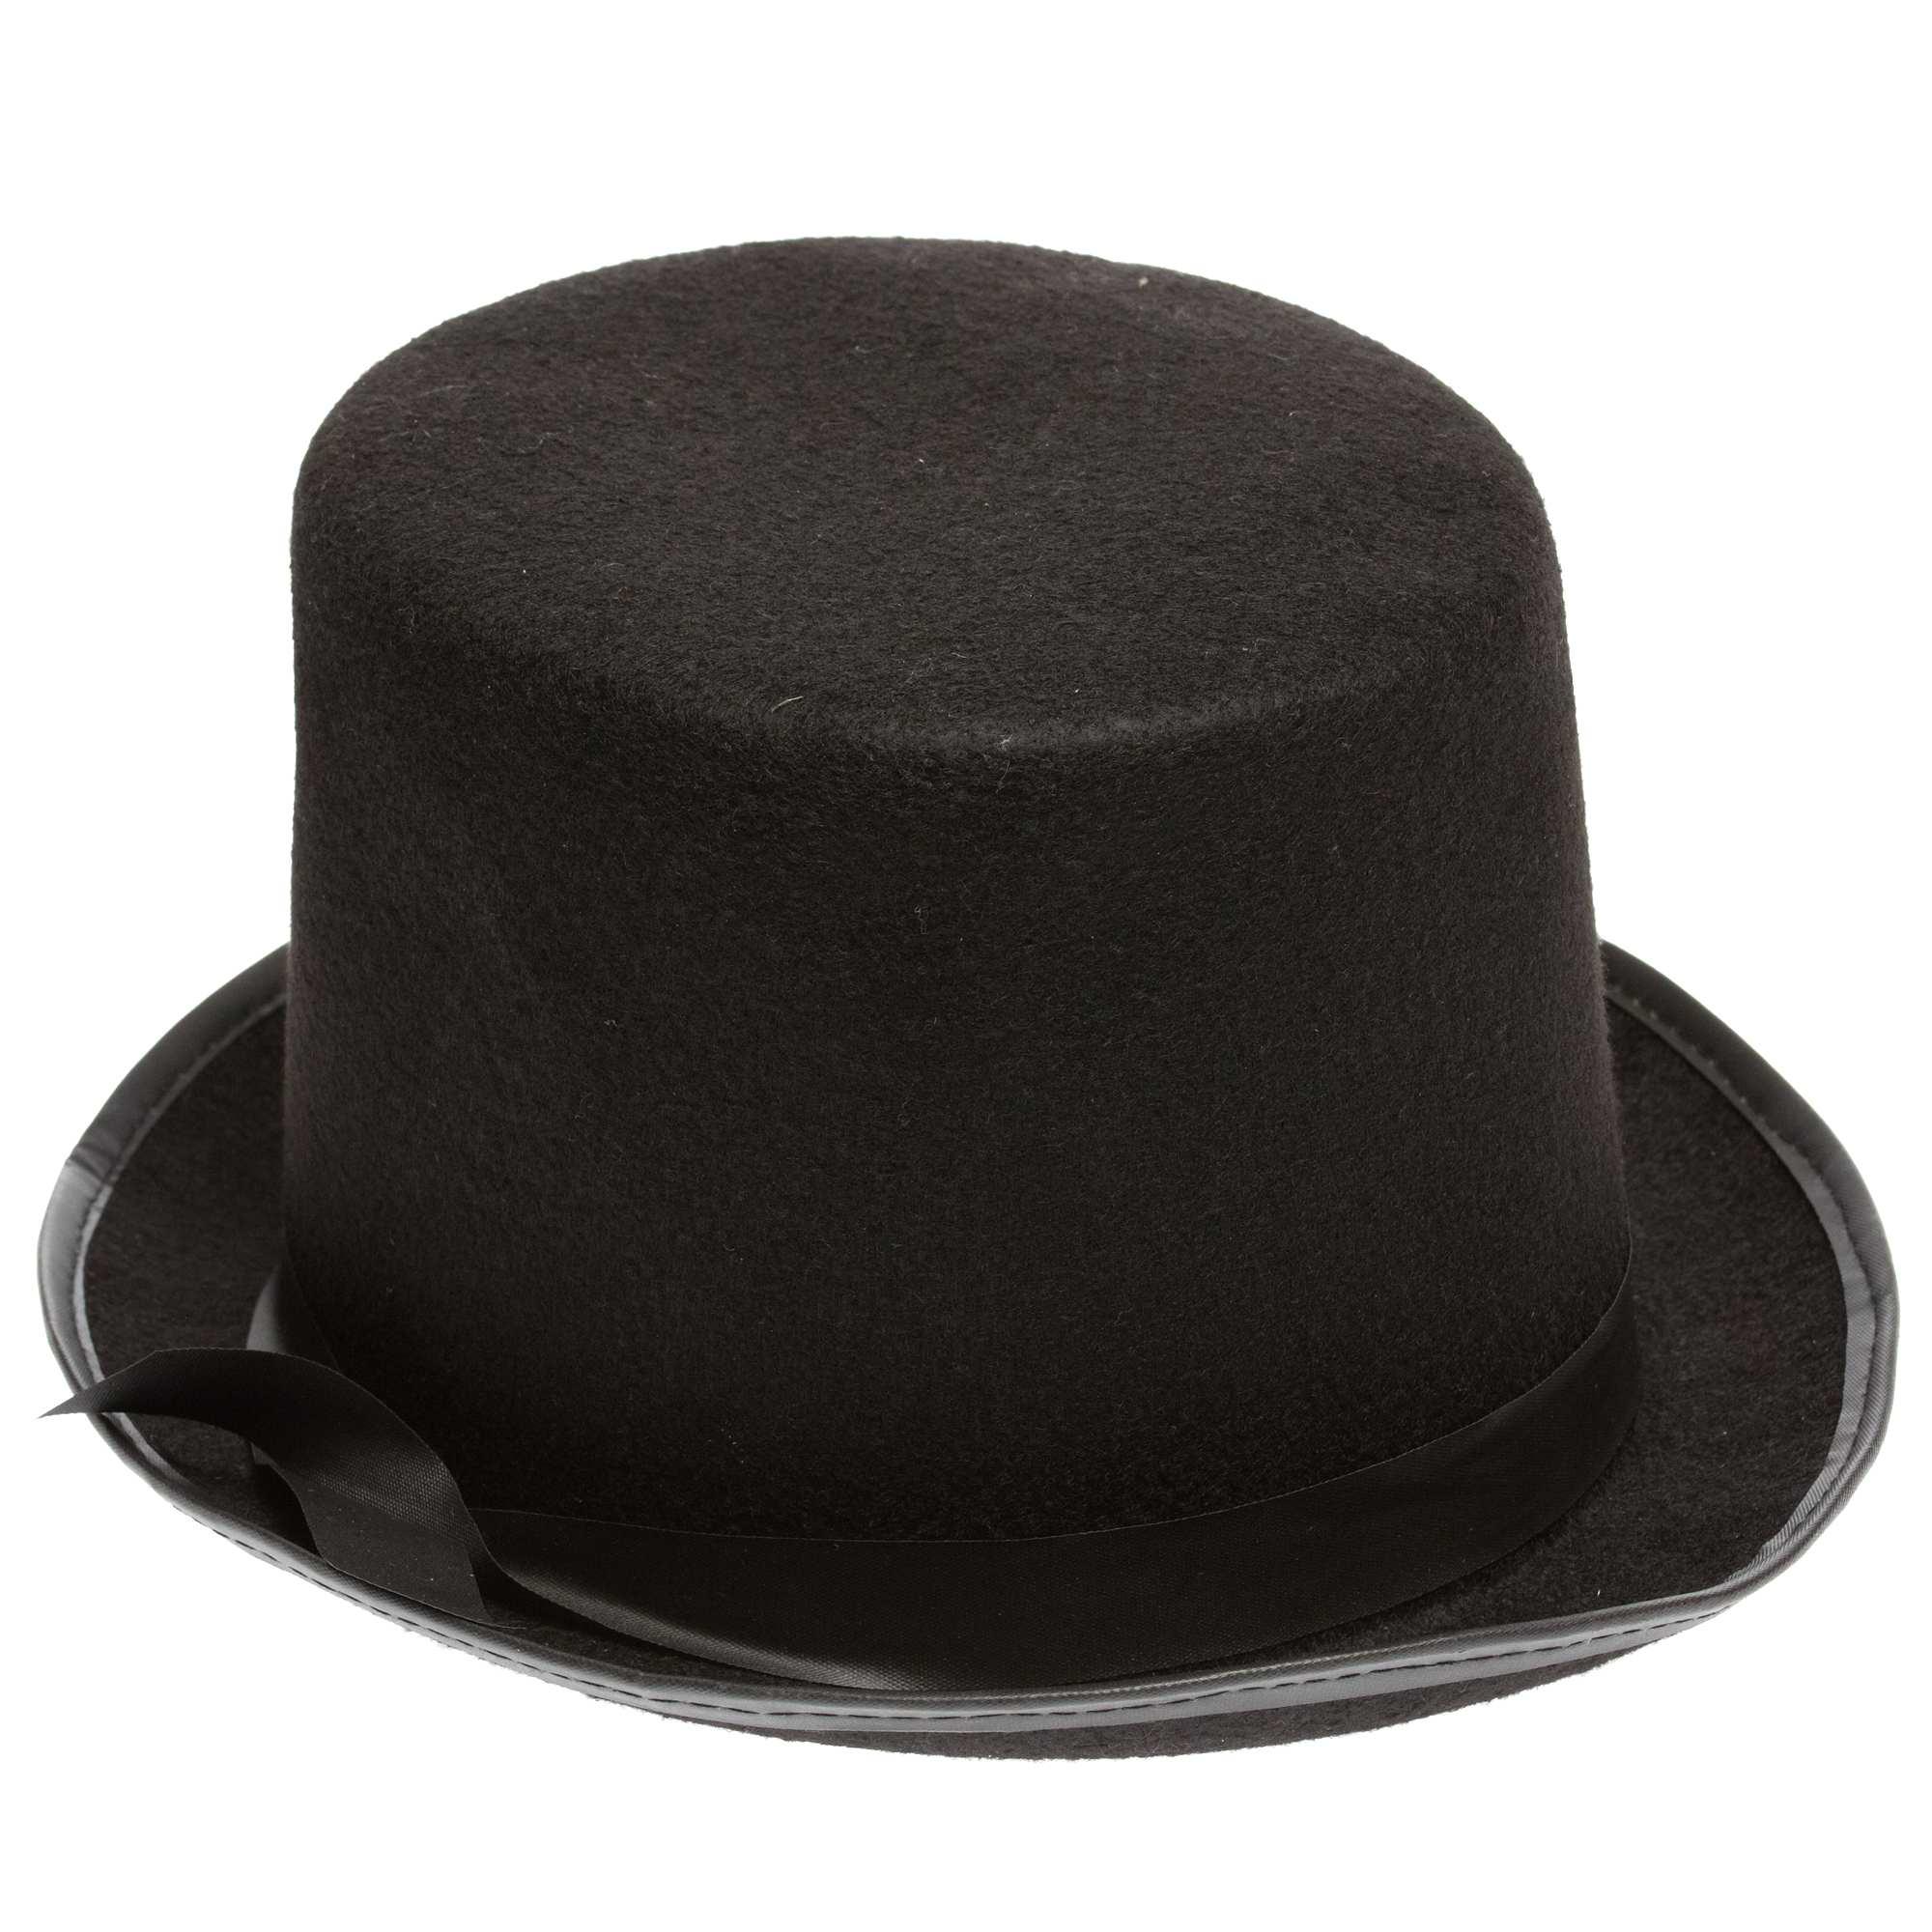 chapeau haut de forme uni accessoires noir kiabi 4 00. Black Bedroom Furniture Sets. Home Design Ideas